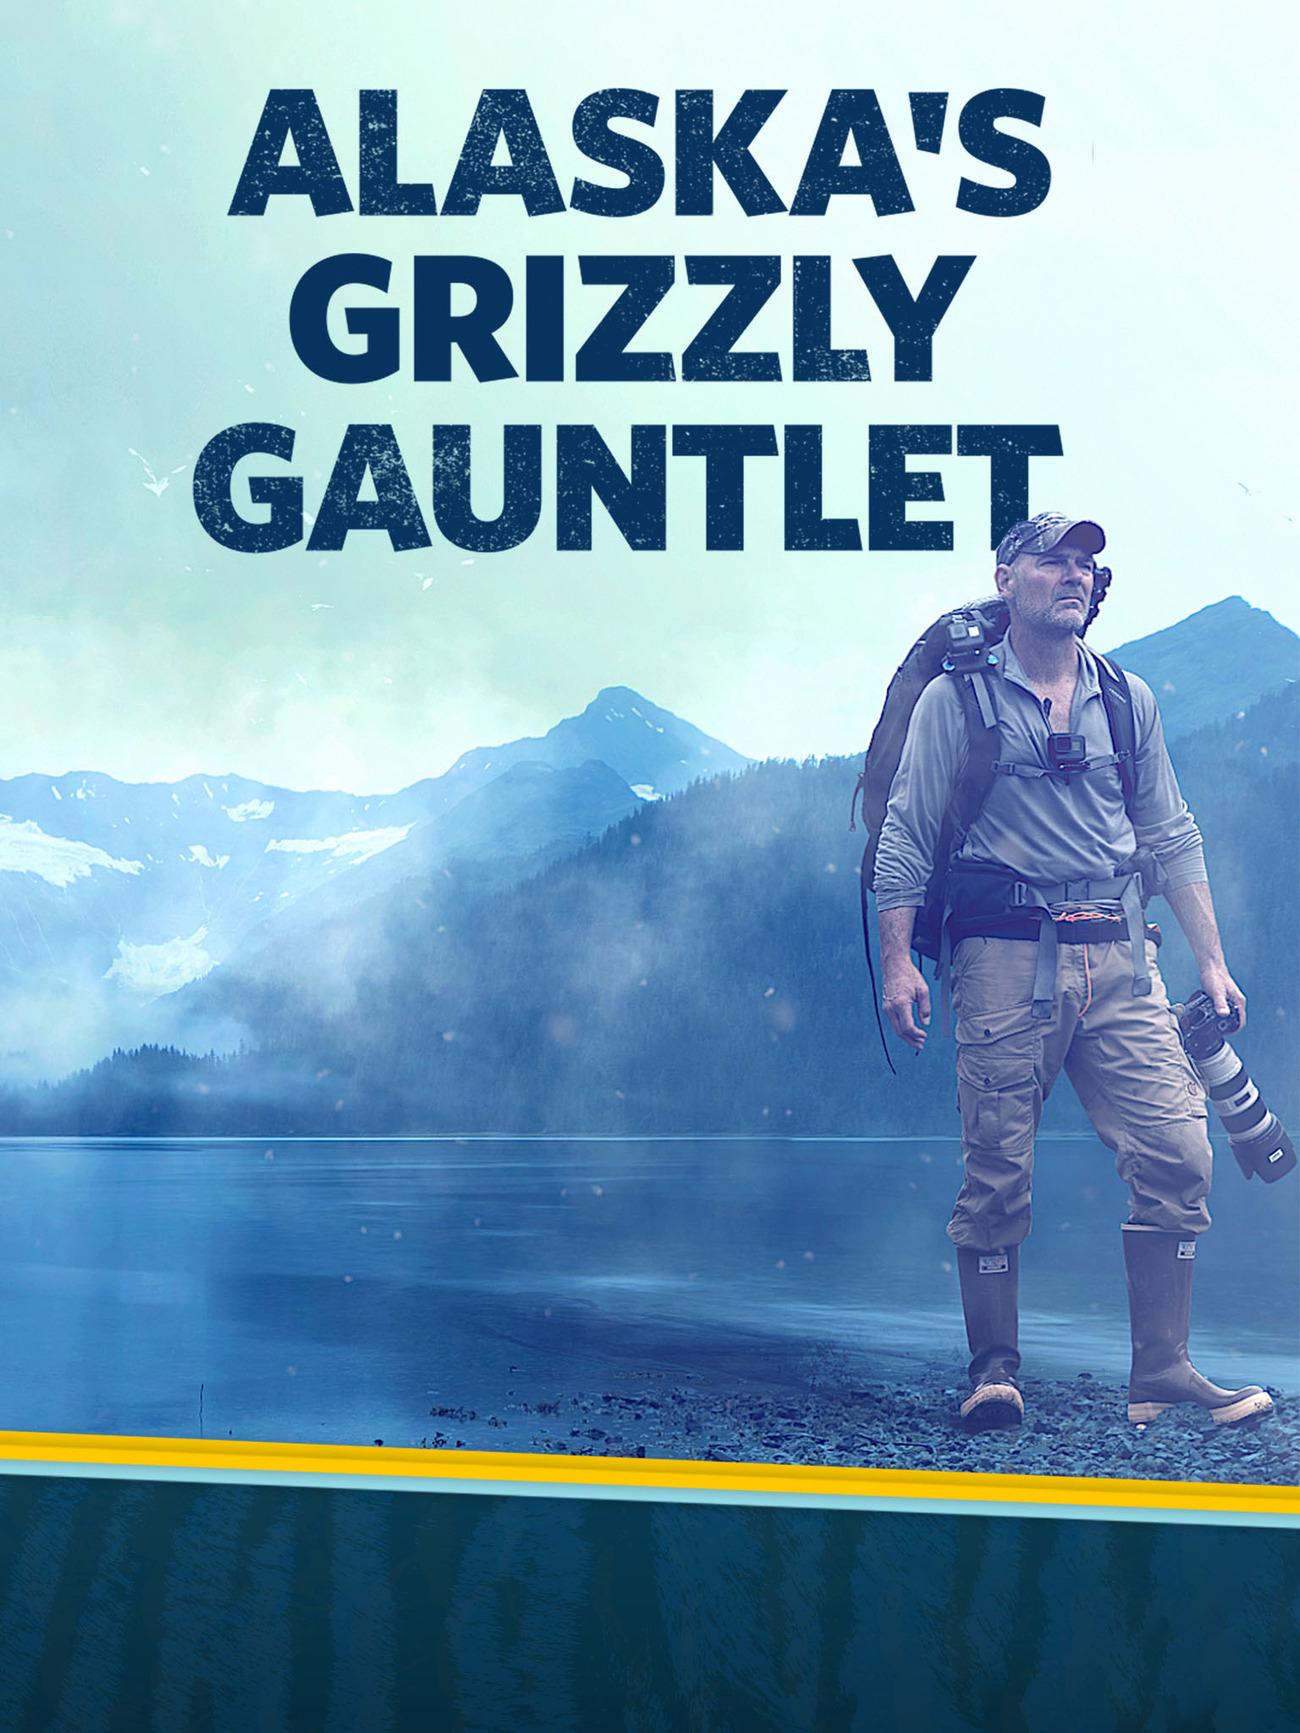 Гризли Аляски бросают вызов - Alaska°s Grizzly Gauntlet